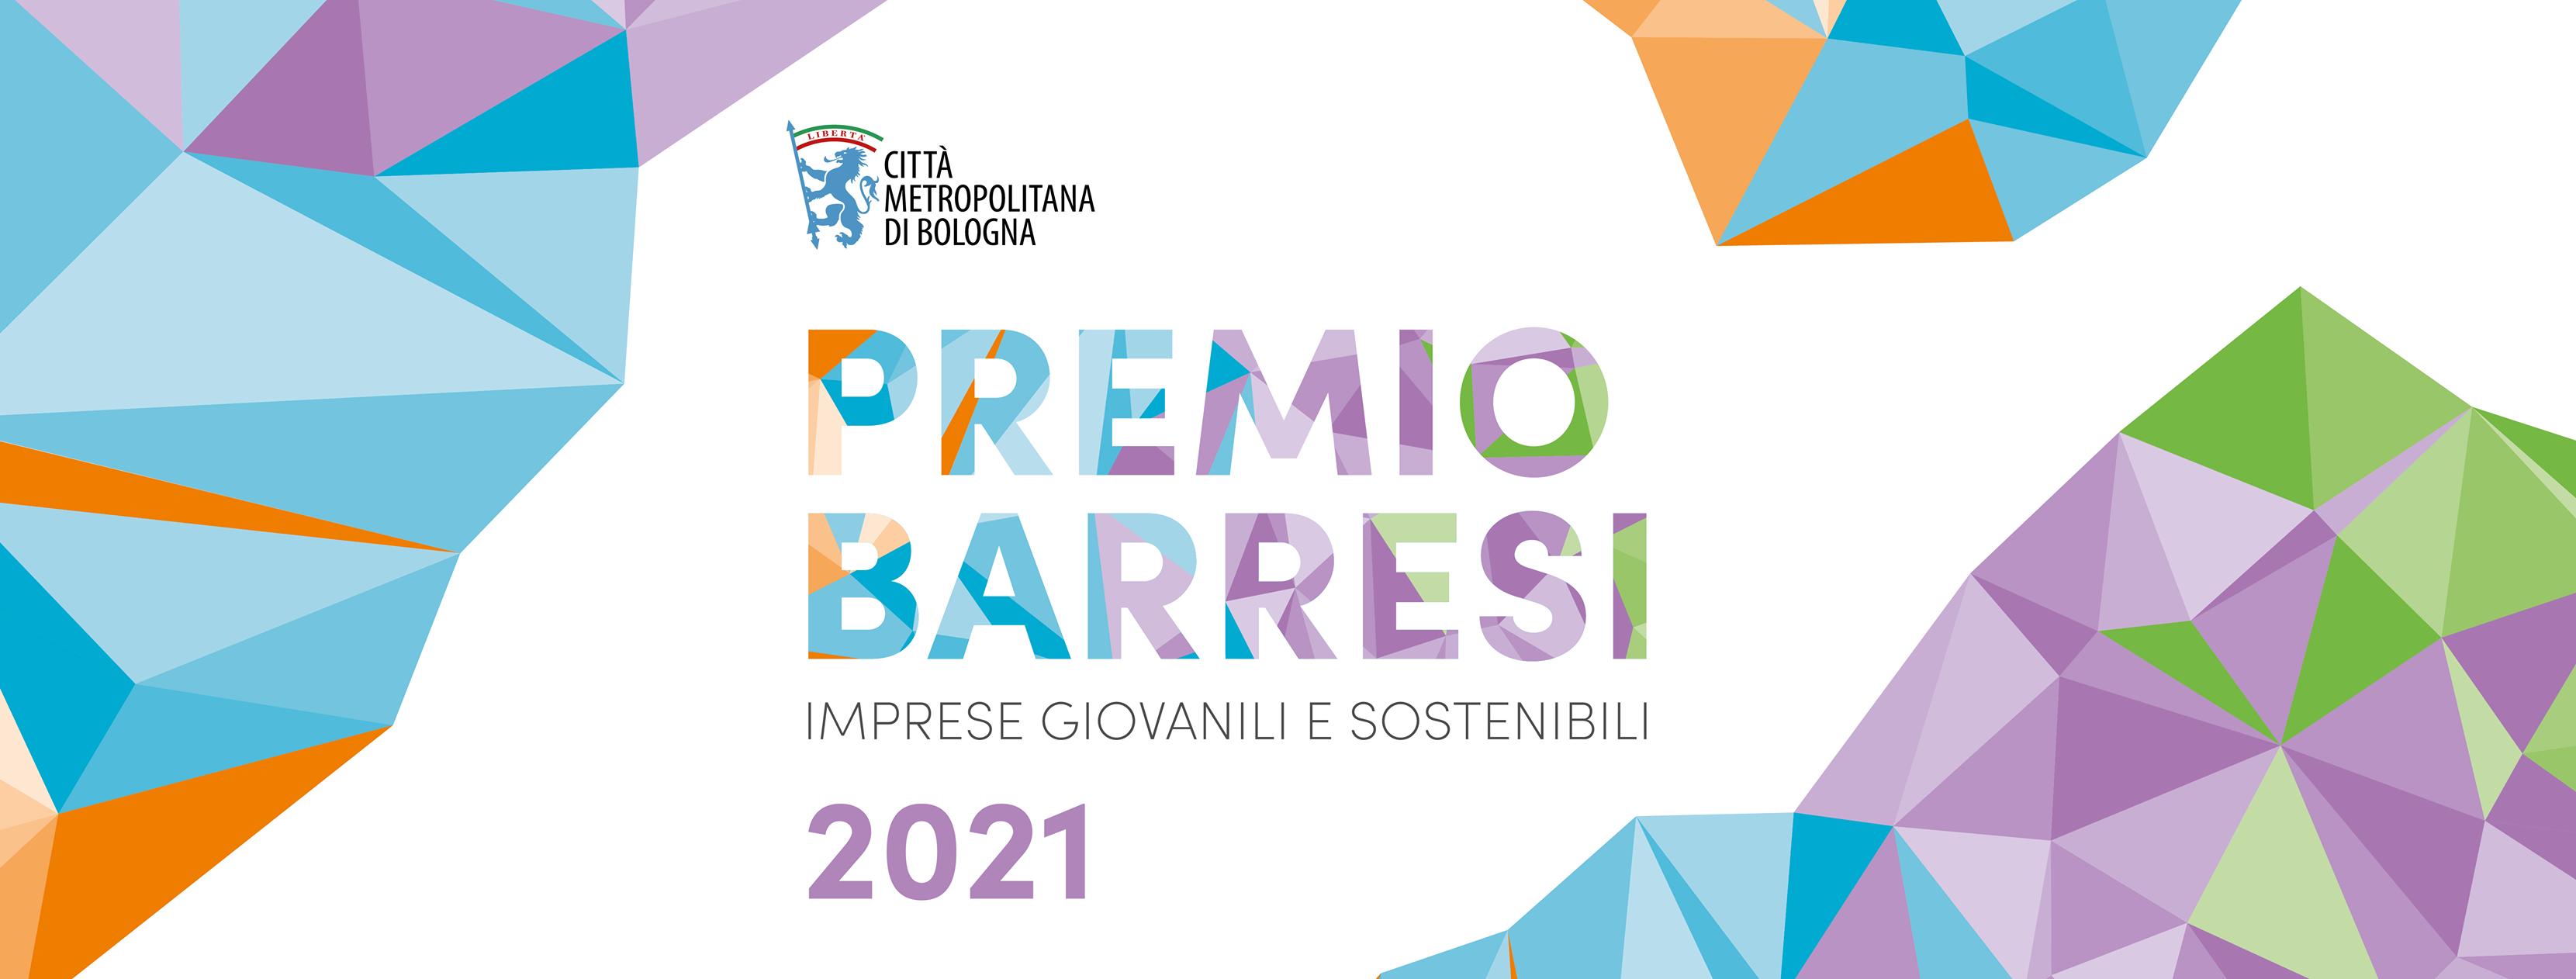 Premio Barresi 2021: aperte le candidature per imprese giovani e sostenibili